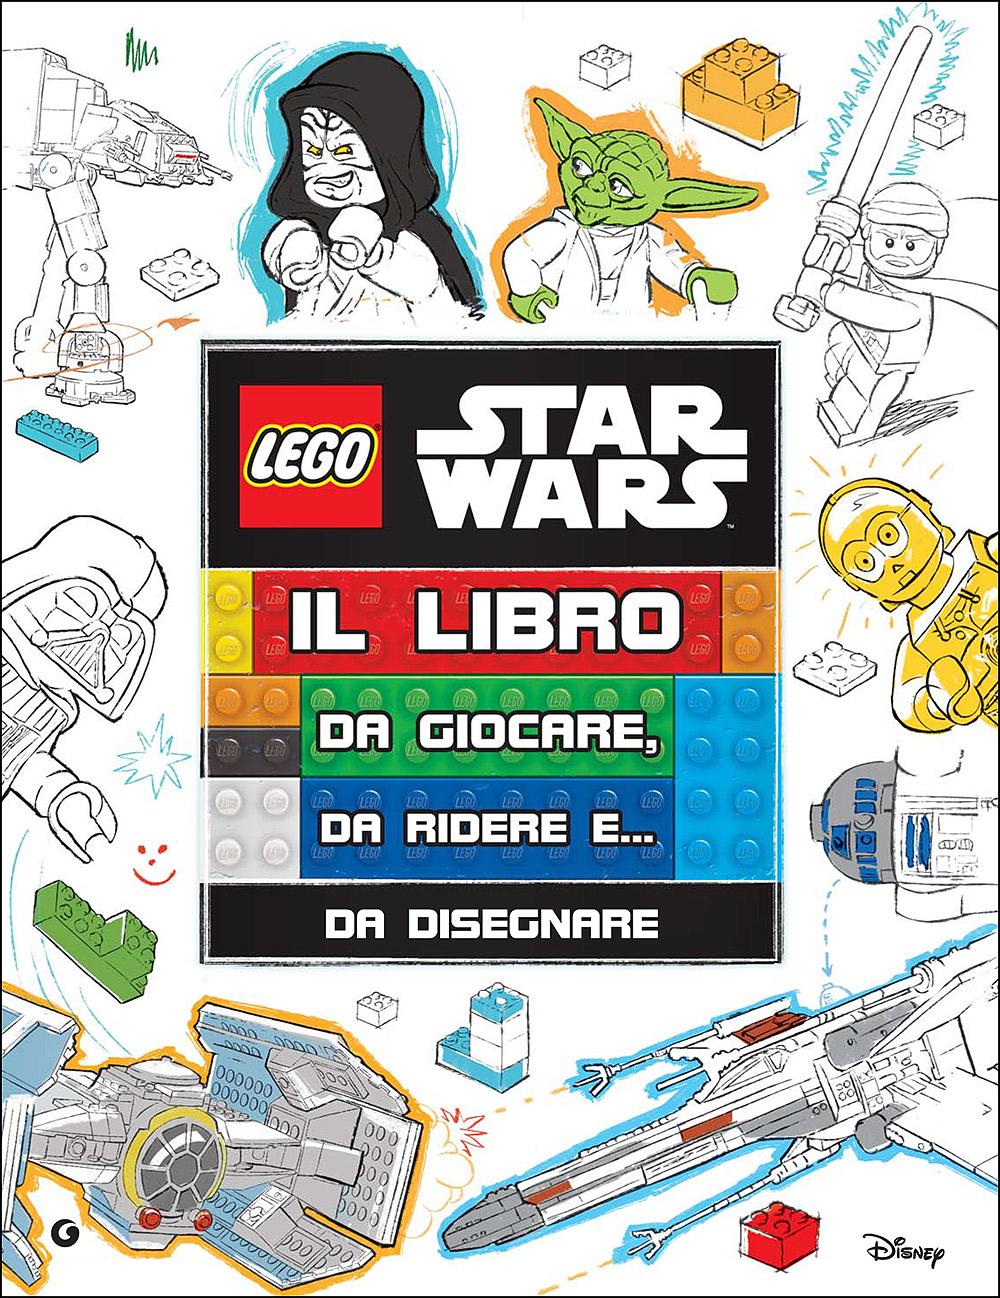 Il nuovo Multicolor - Star Wars LEGO. Il libro da giocare, da ridere e... da disegnare